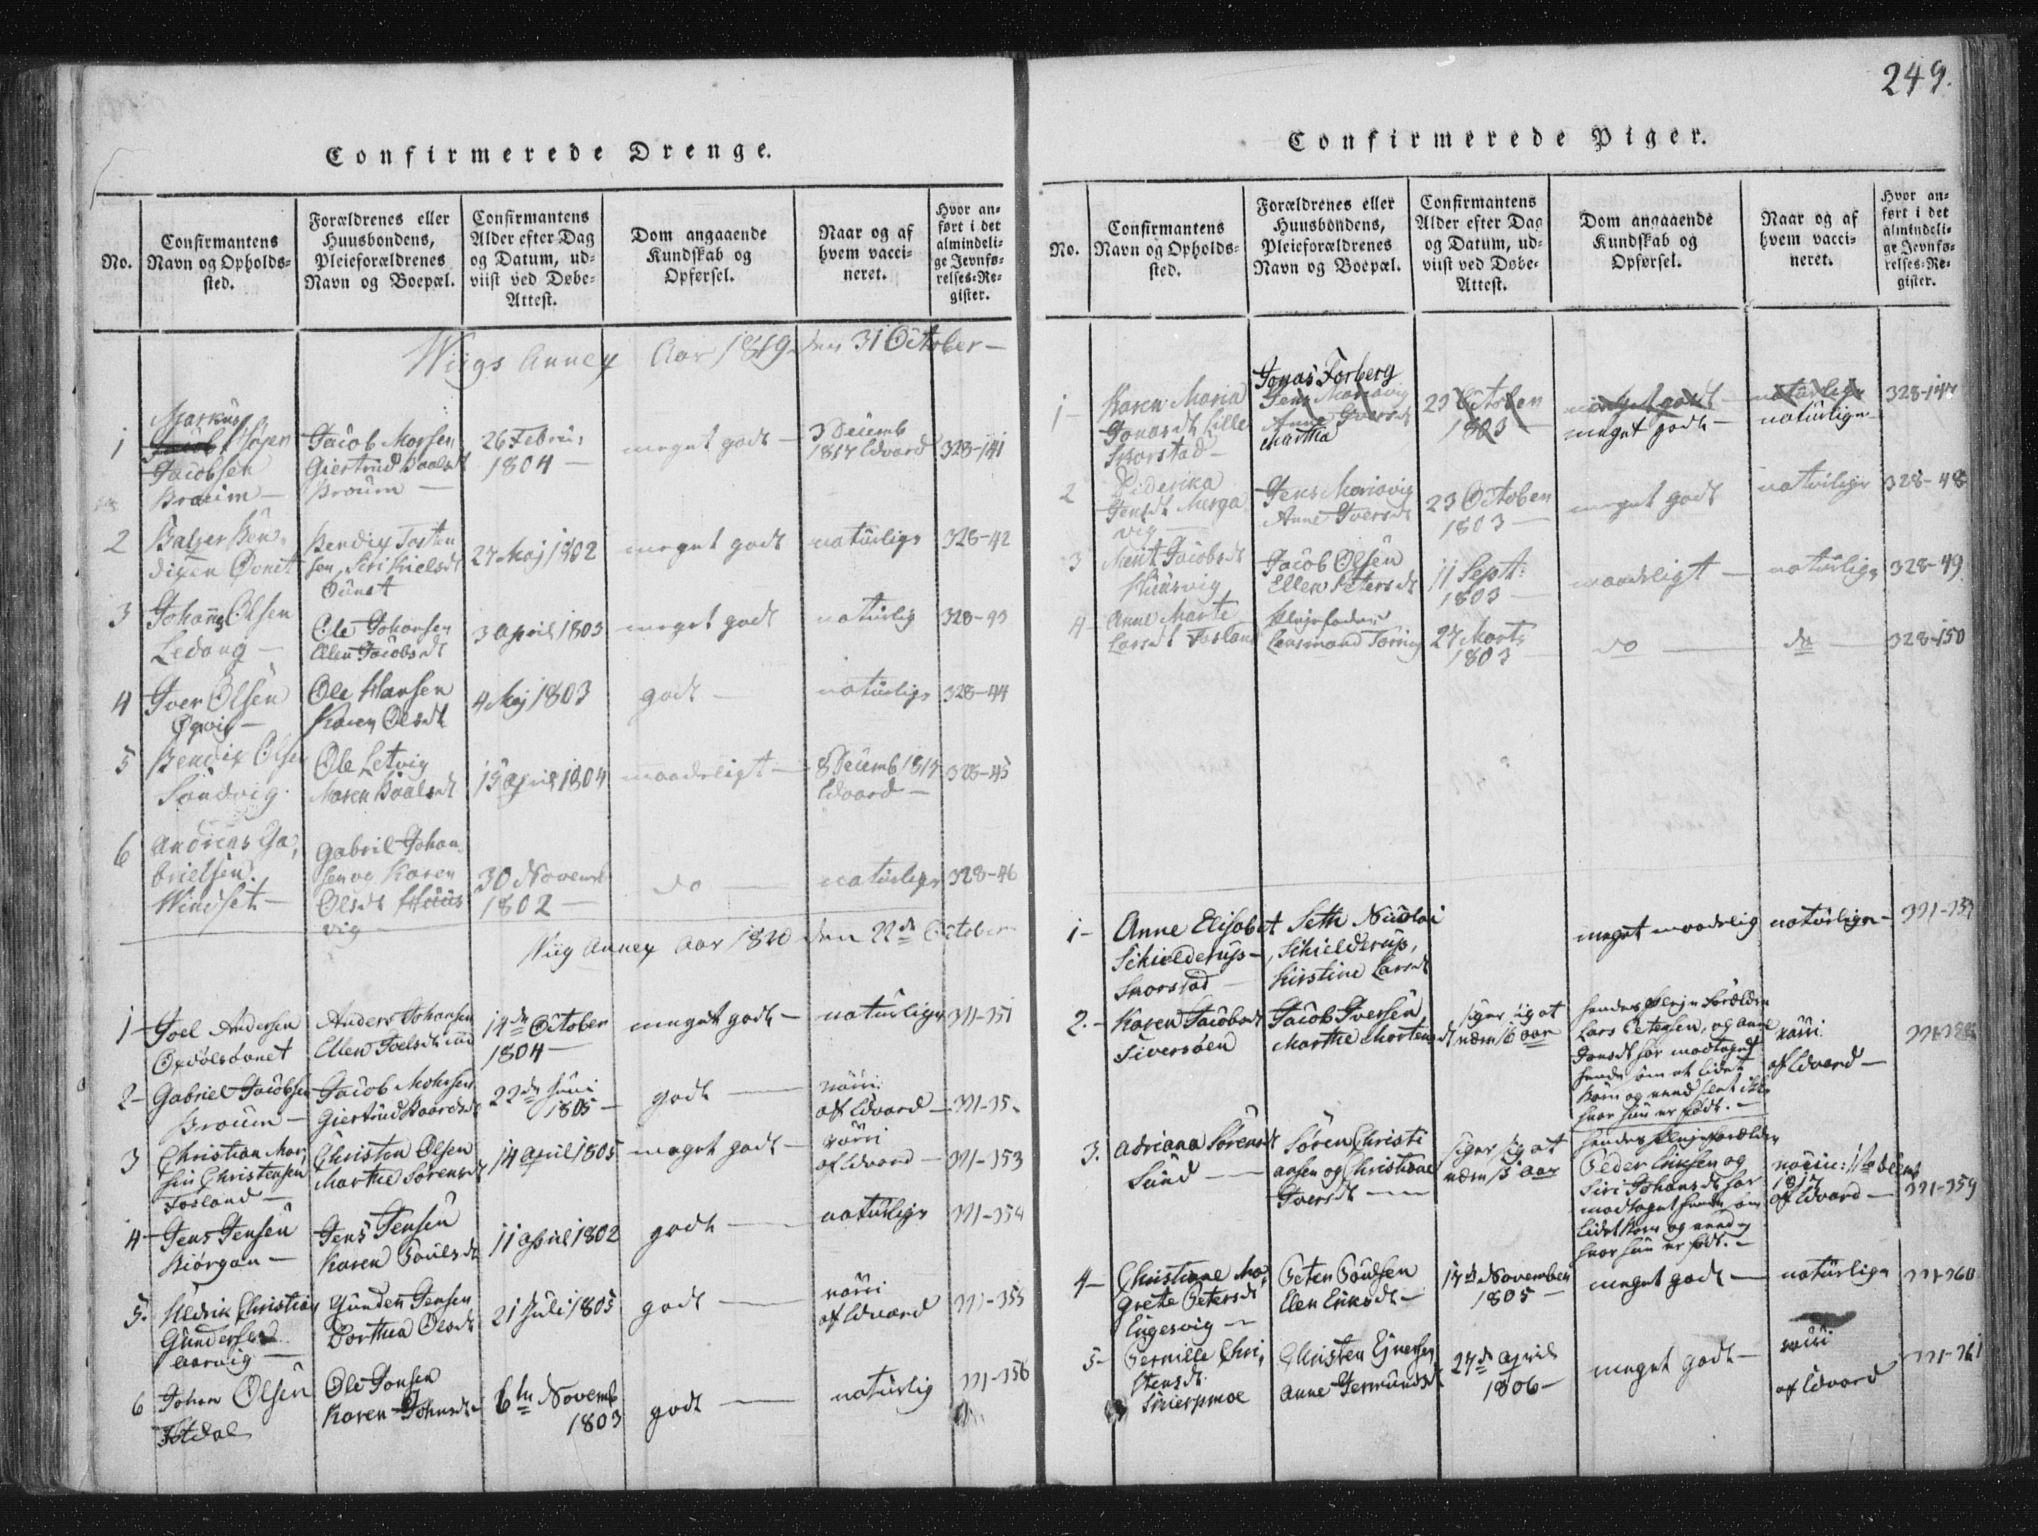 SAT, Ministerialprotokoller, klokkerbøker og fødselsregistre - Nord-Trøndelag, 773/L0609: Ministerialbok nr. 773A03 /2, 1815-1830, s. 249